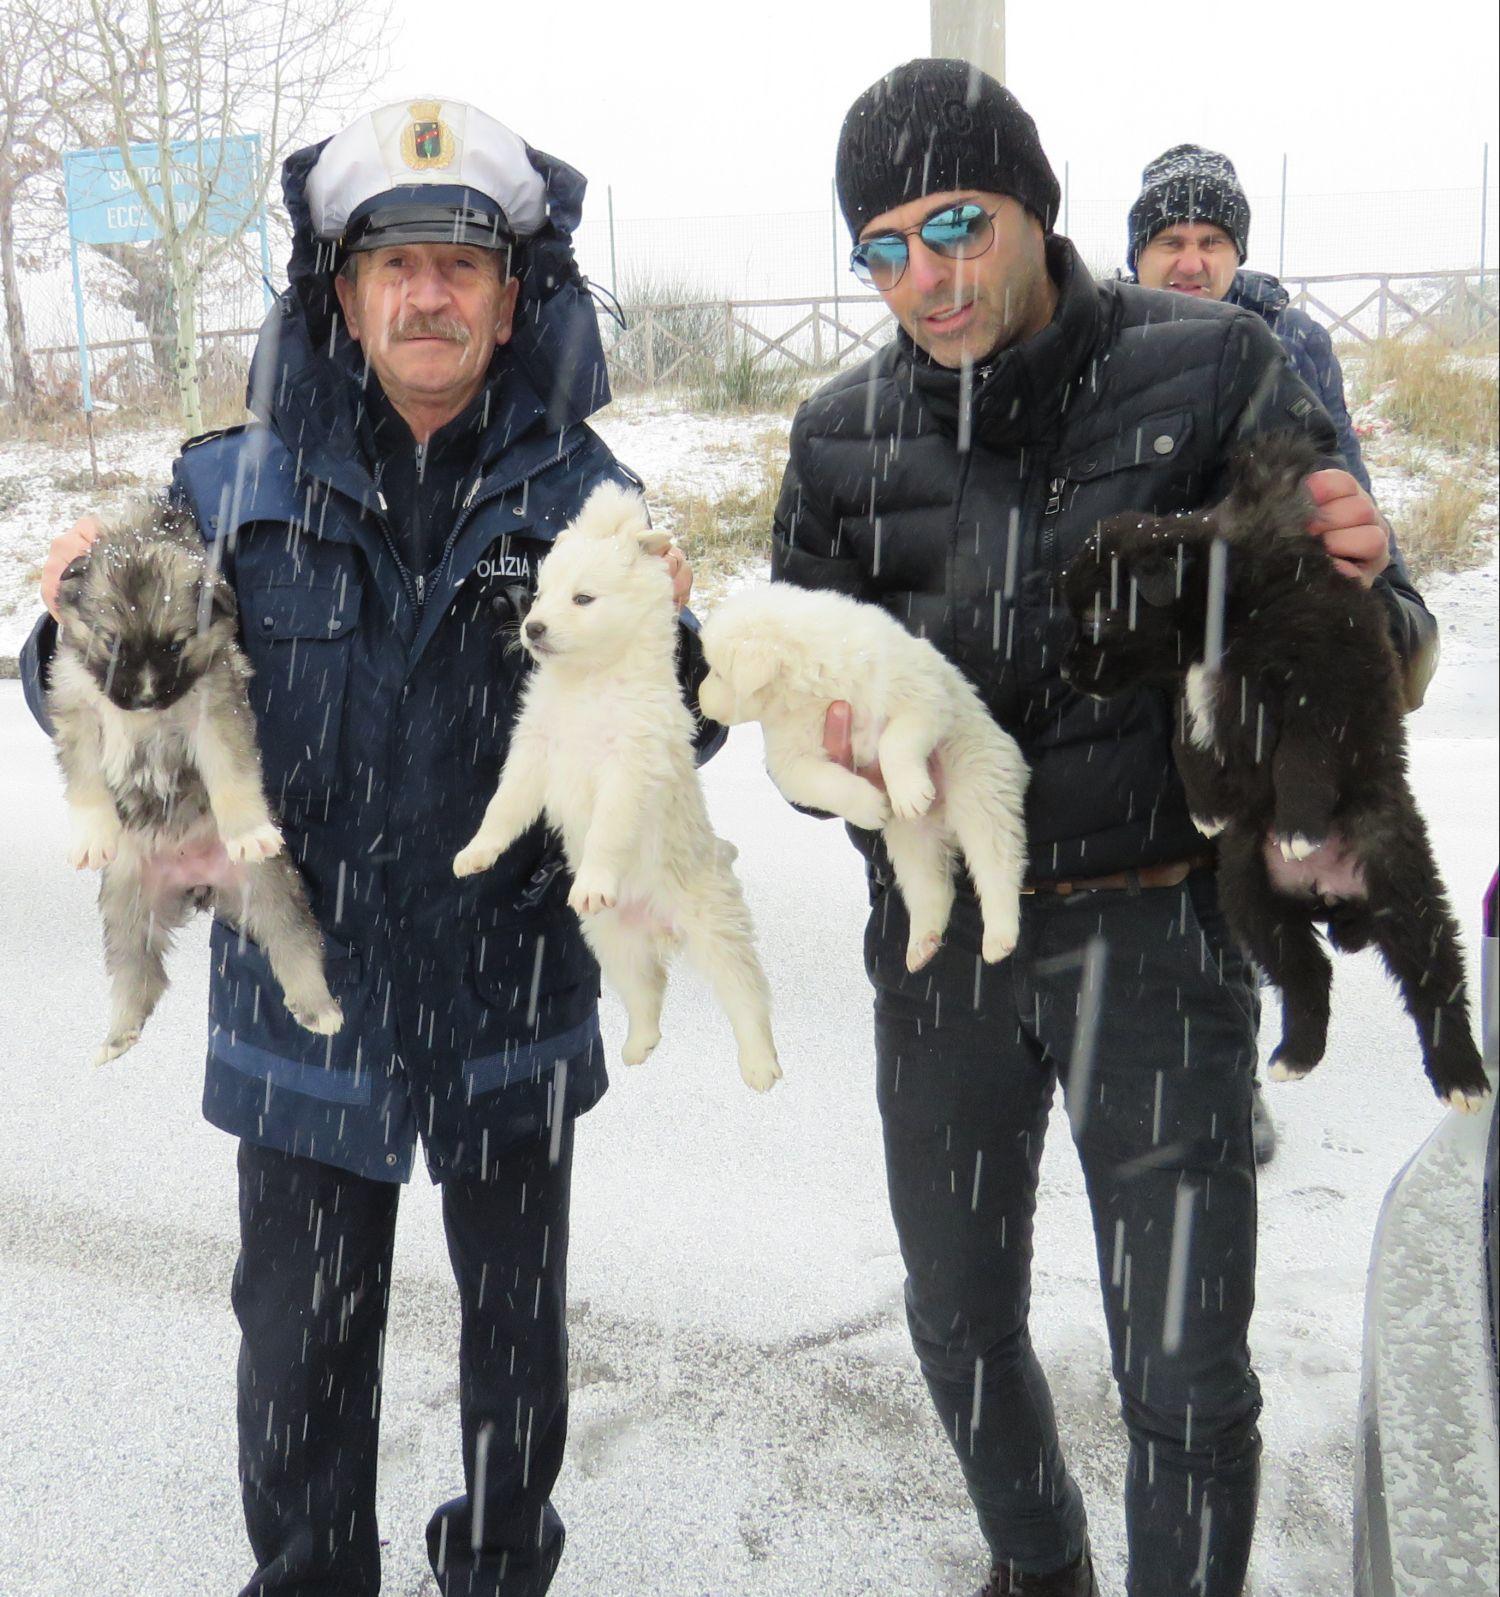 La polizia provinciale salva quattro cuccioli abbandonati for Meteo san giovanni in fiore